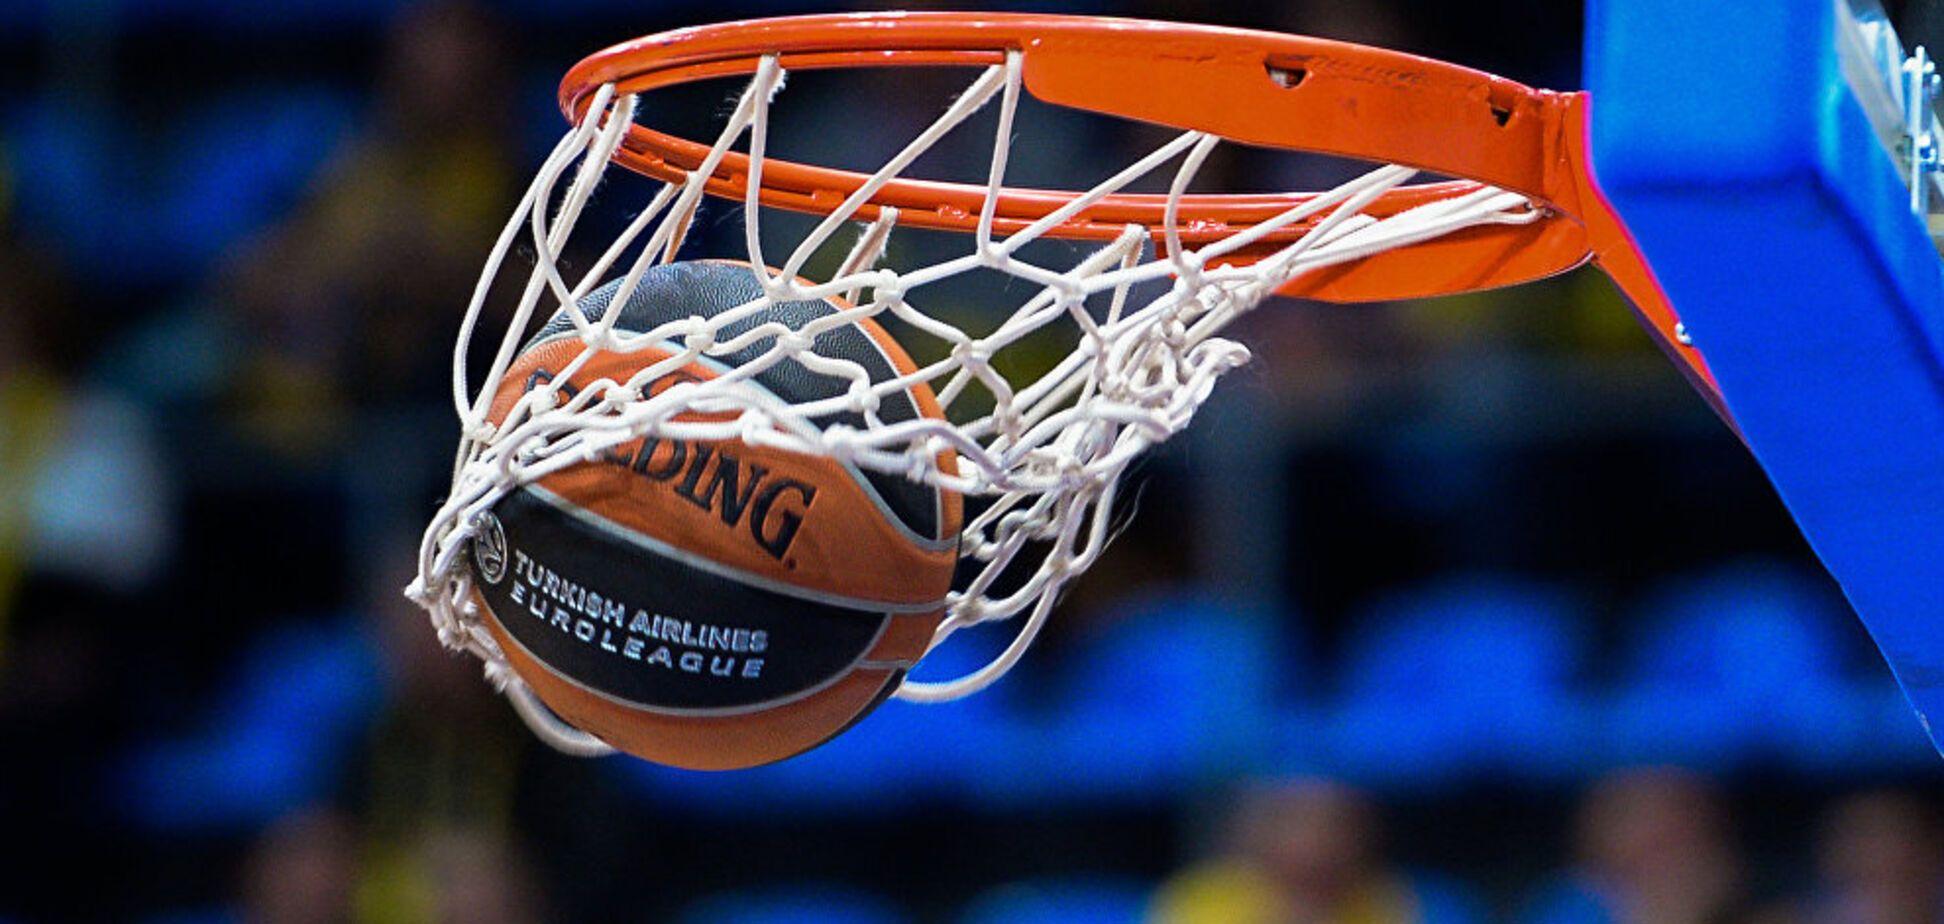 Стали відомі суперники жіночої баскетбольної команди 'Прометей' в Єврокубку